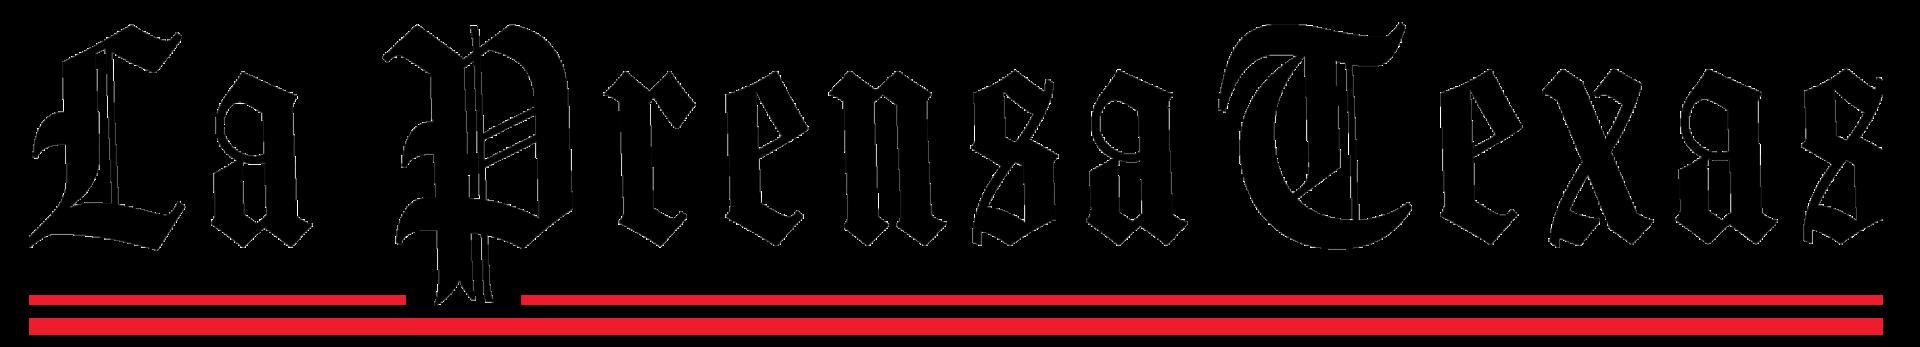 la-prensa-texas-2021-logo-1